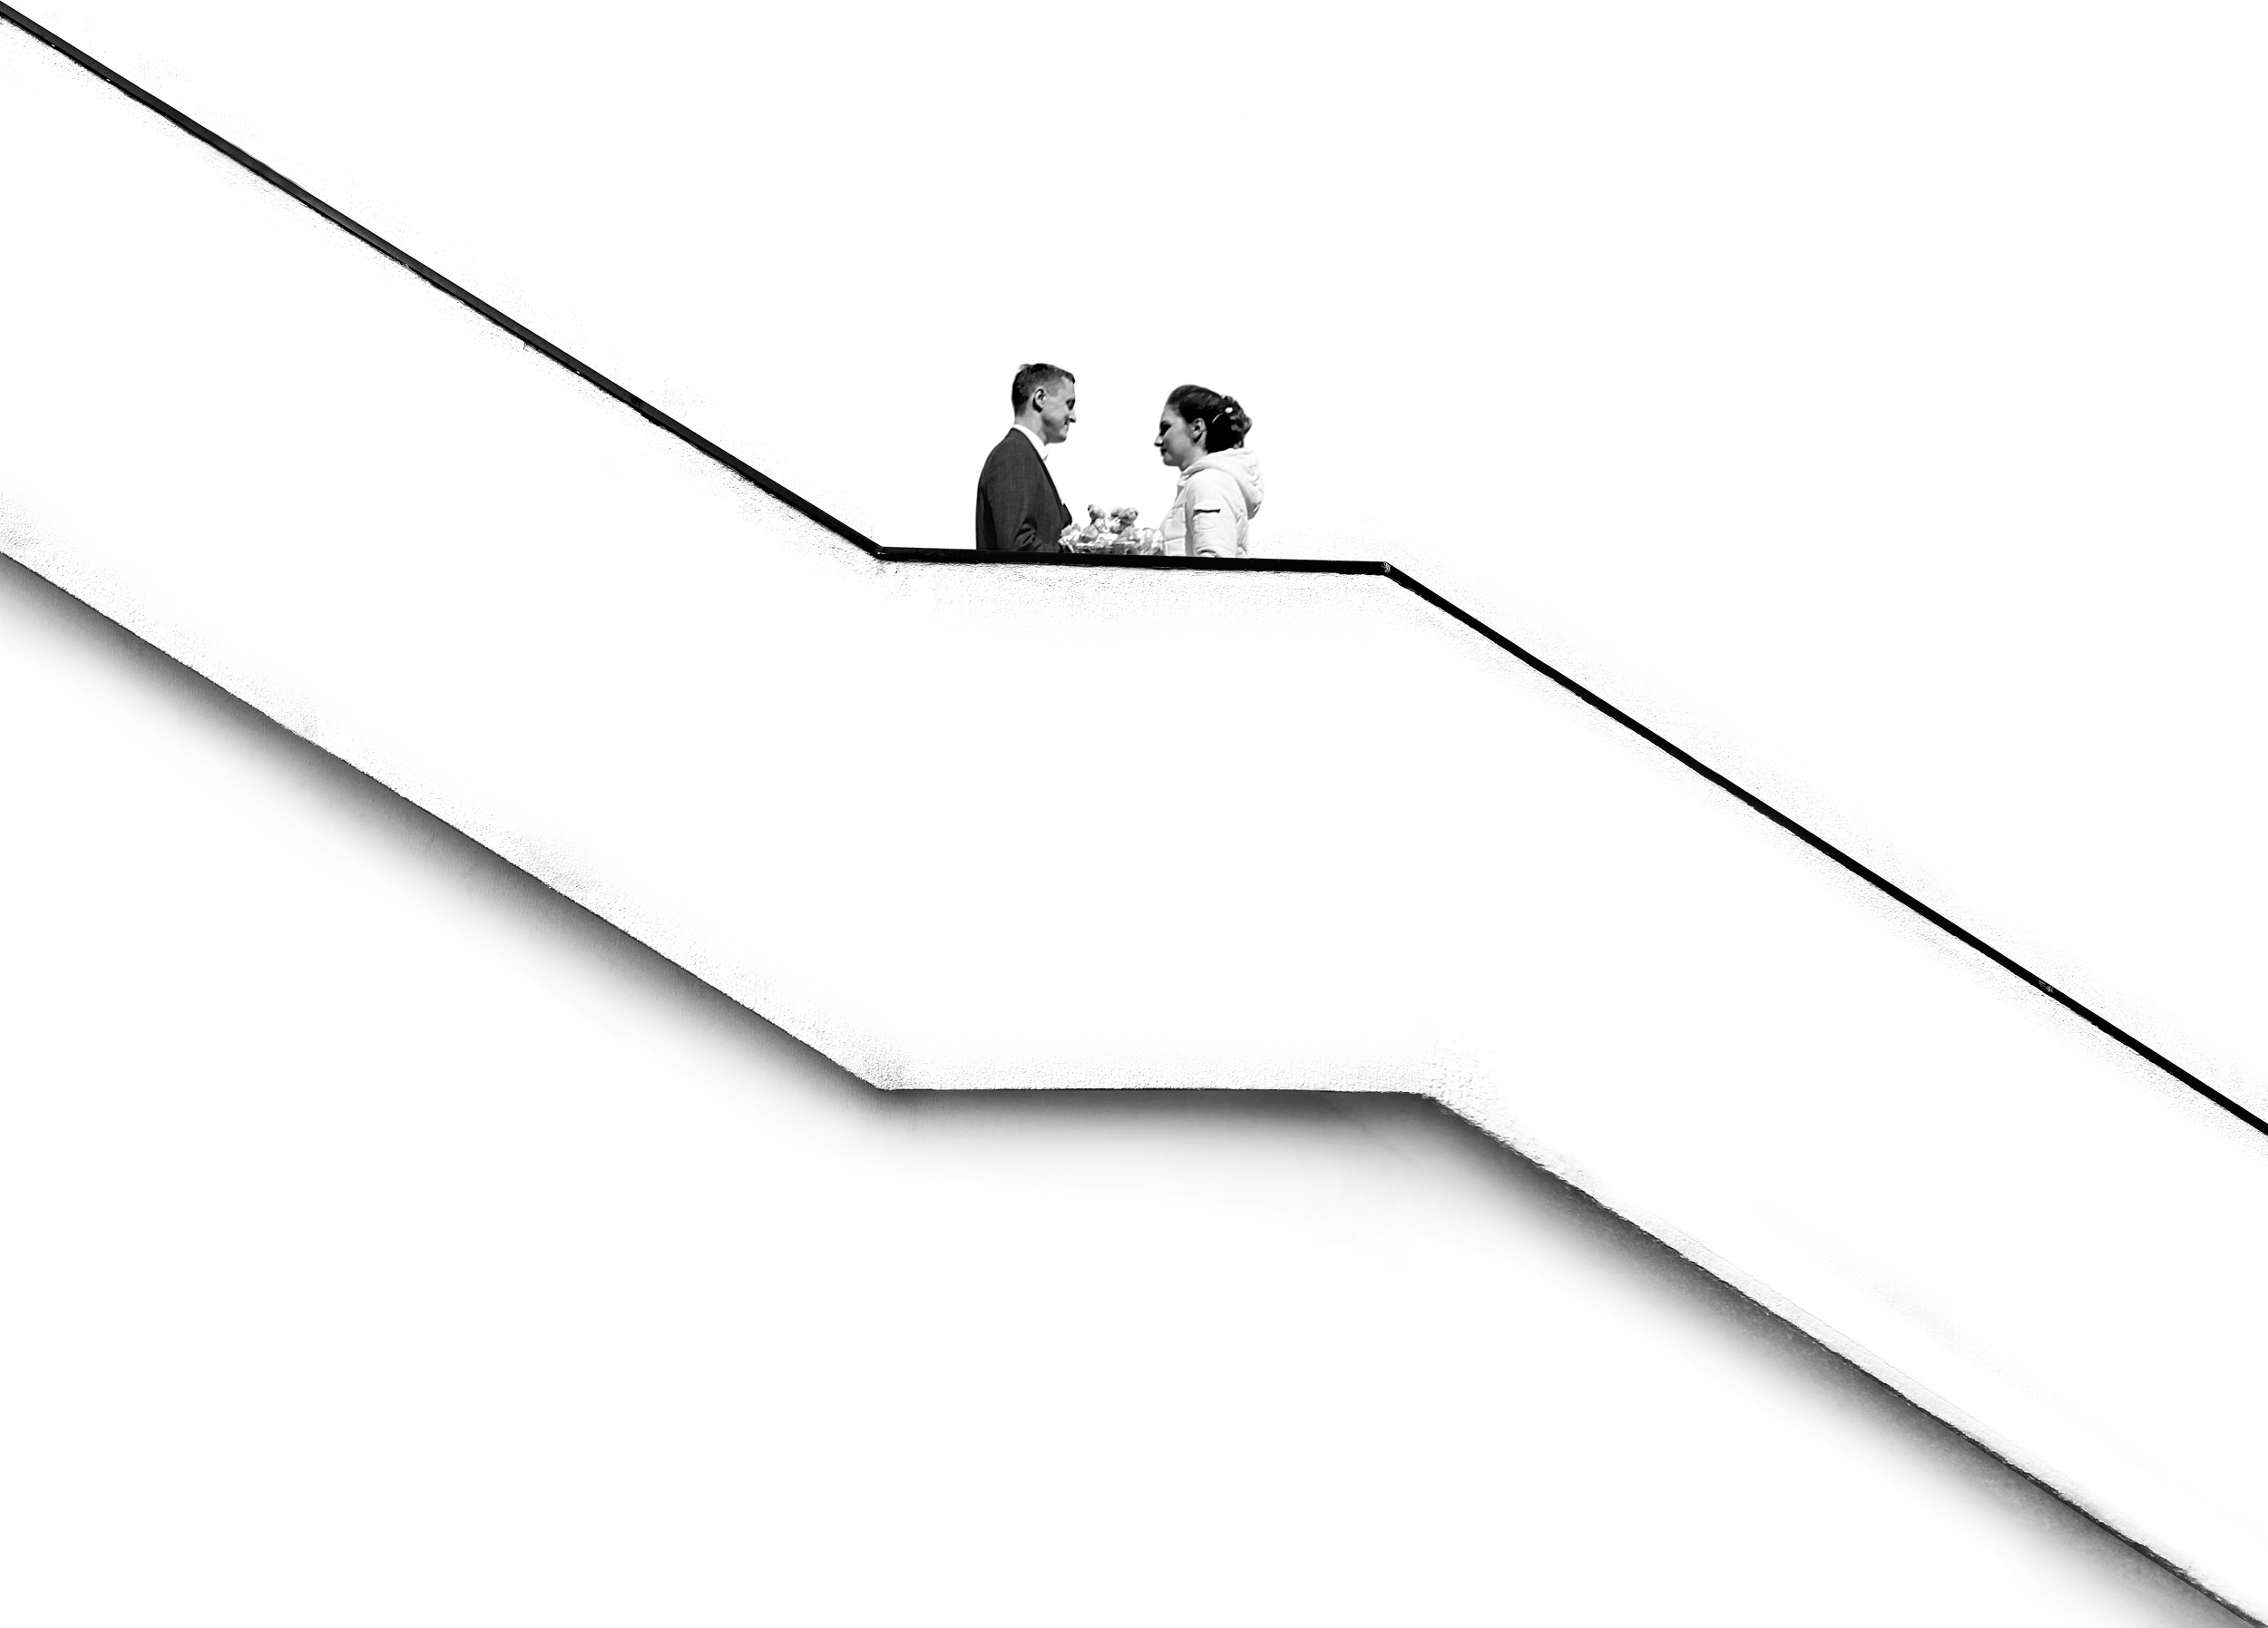 свадьба, молодожены, жених, невеста, помолейко, wedding, wed, newlywed, just married, bride, groom, professionalphotography, свадебный фотограф, помолейко павел, pomoleyko pavel, Павел Помолейко